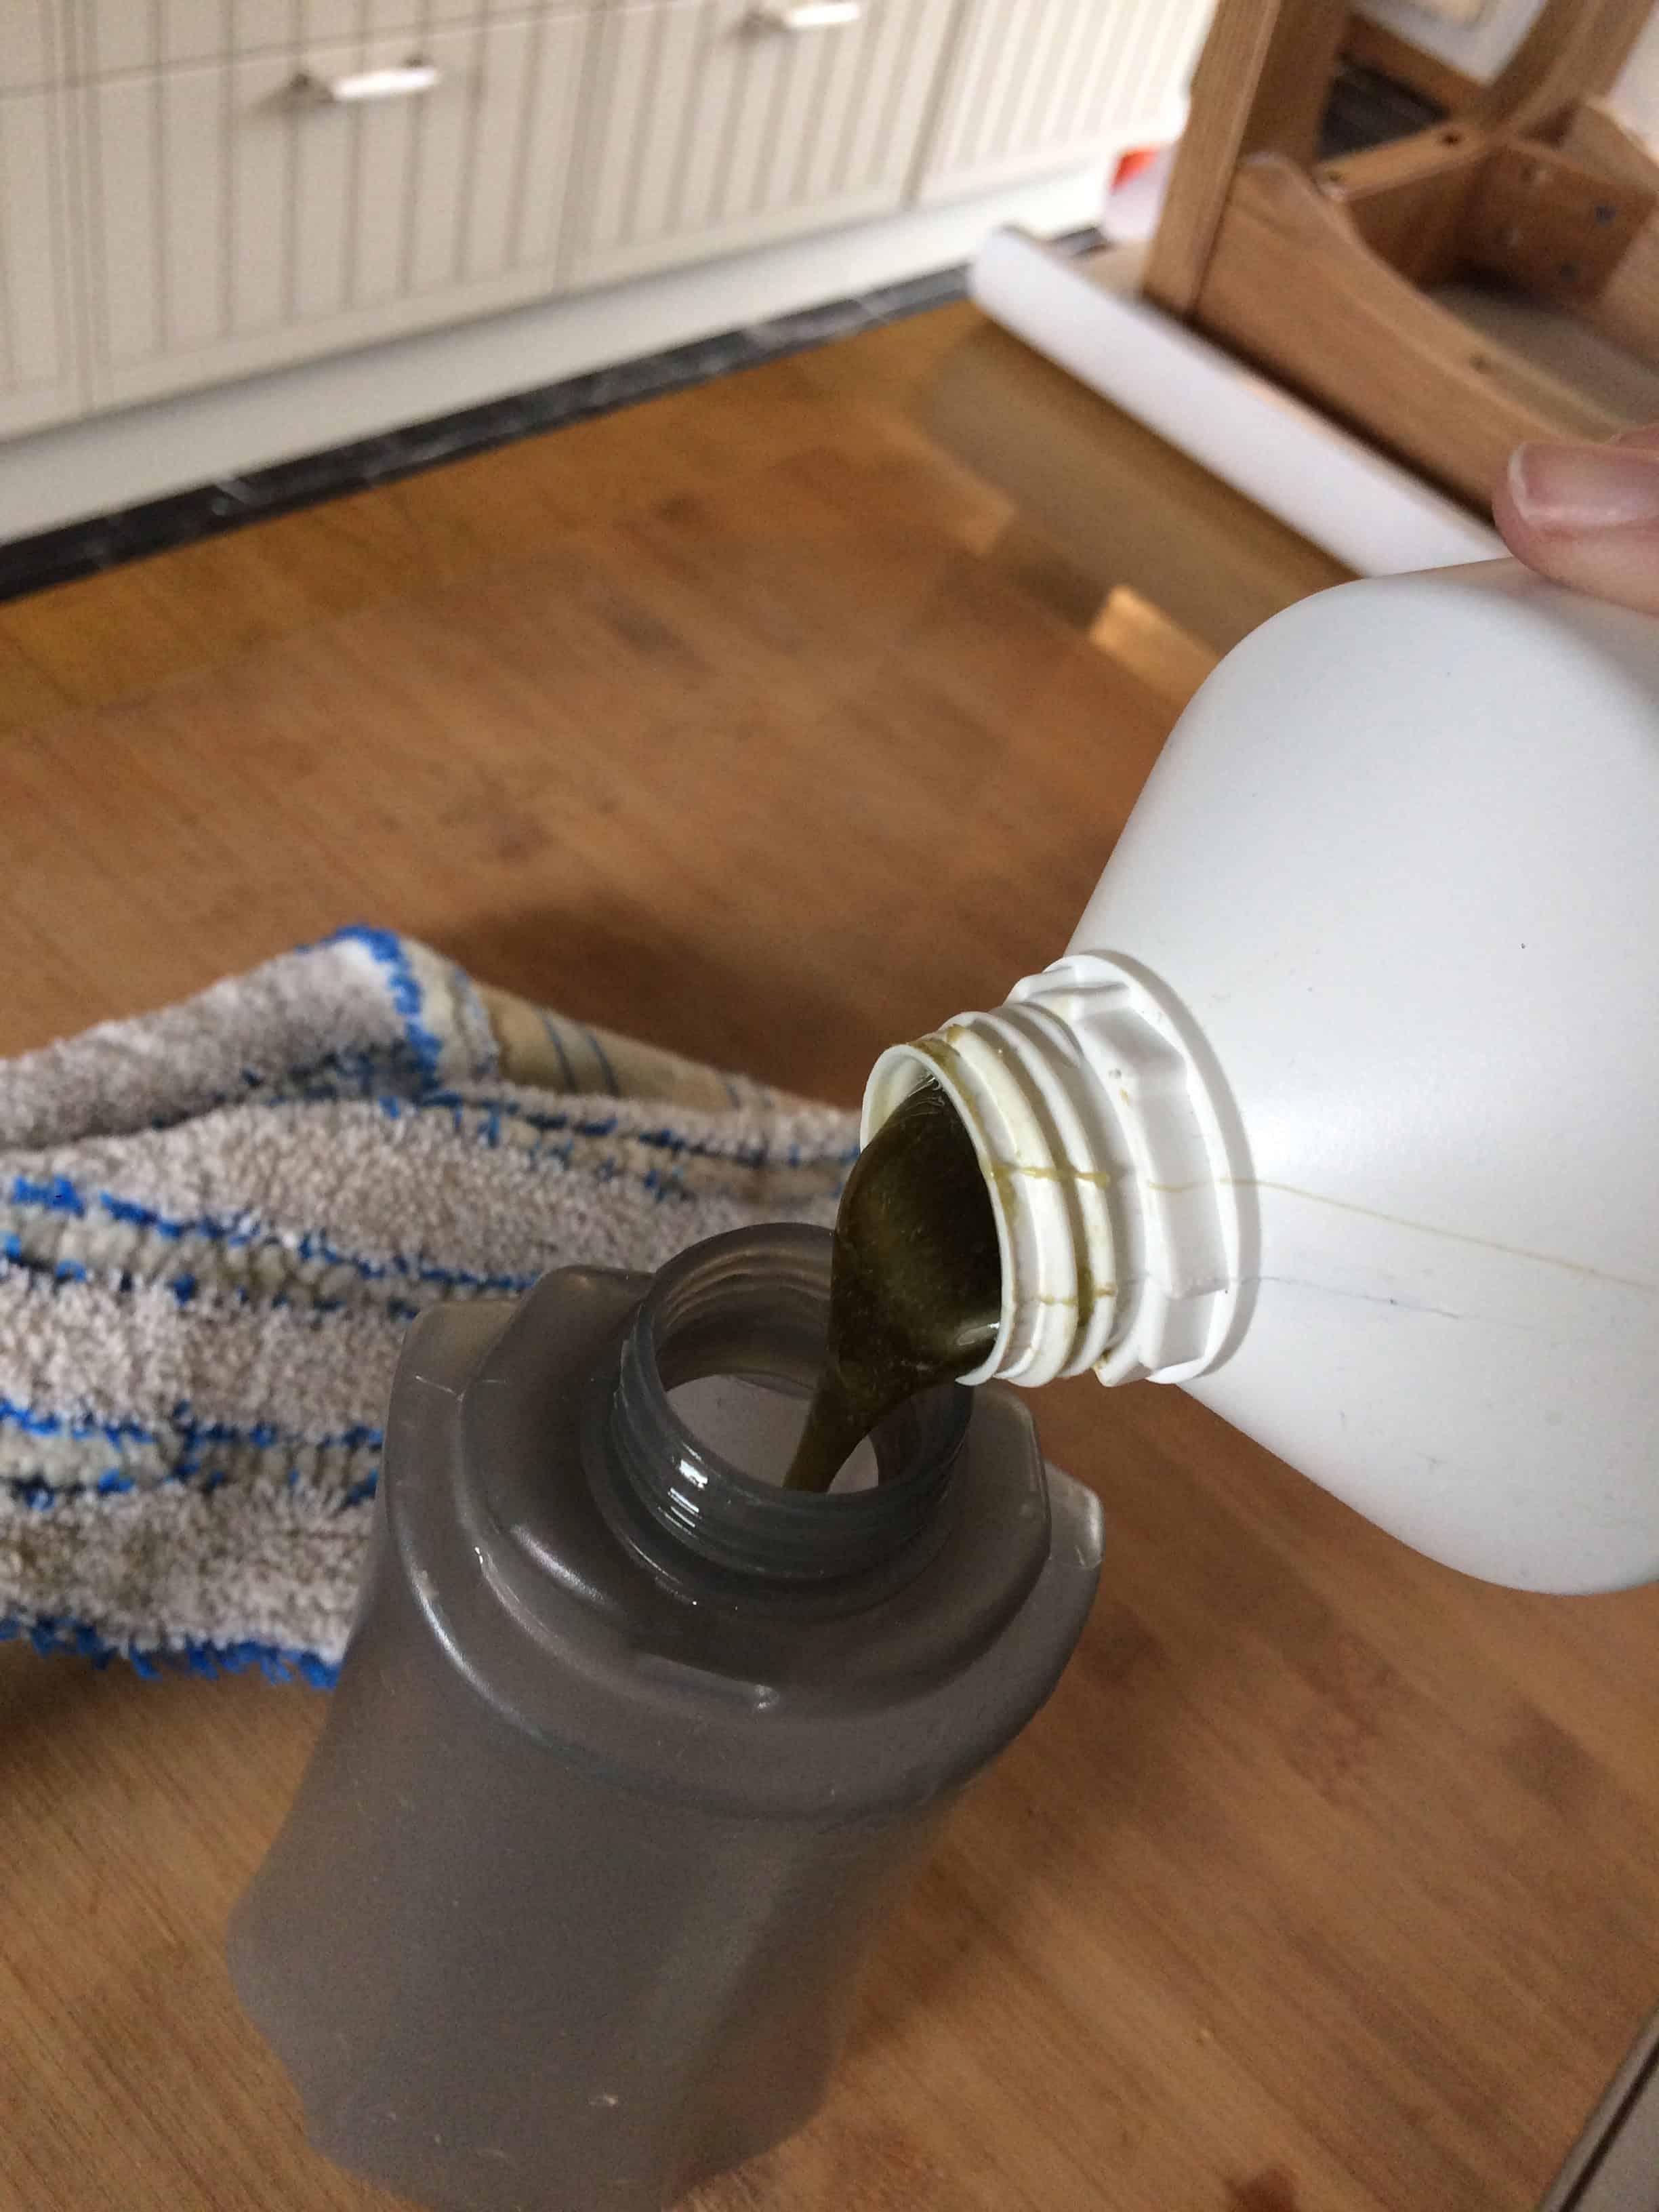 verser le savon de marseille dans le compartiment ou dans un seau